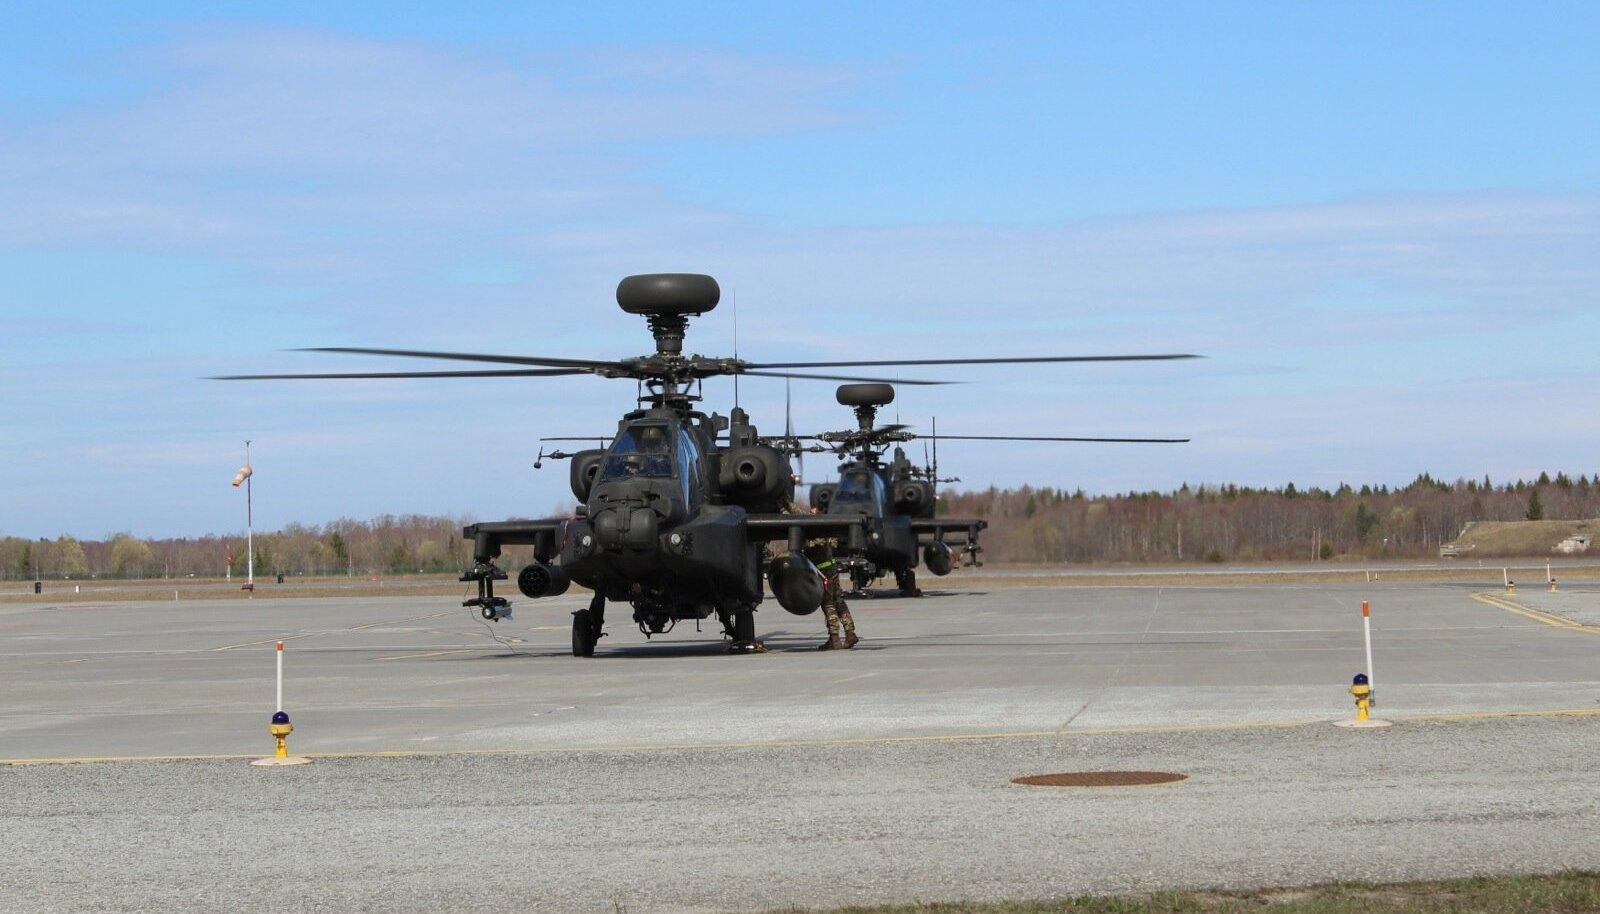 Ühendkuningriigi maaväe ründekopterid Apache.